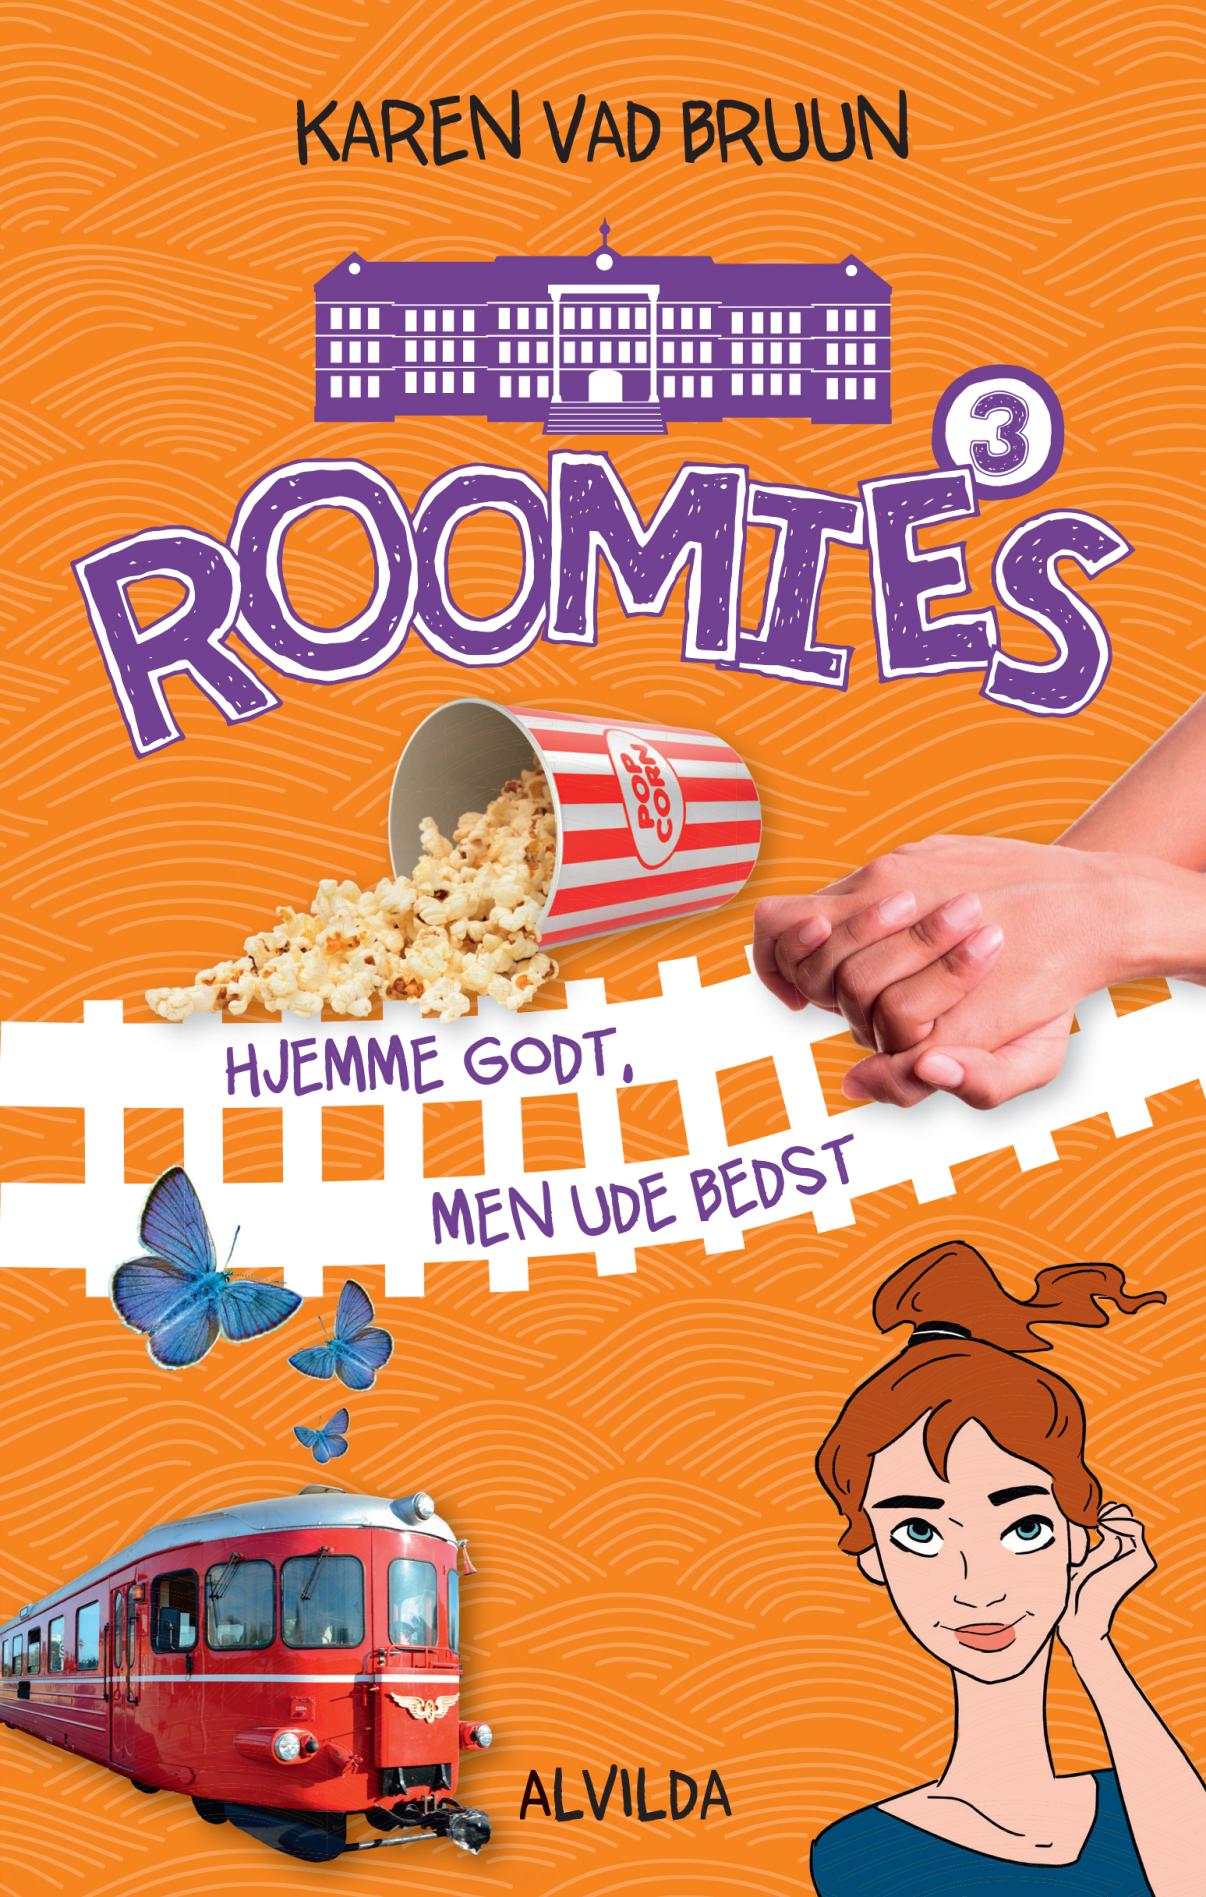 Roomies #3: Hjemme godt, men ude bedst - Maneno - 10896